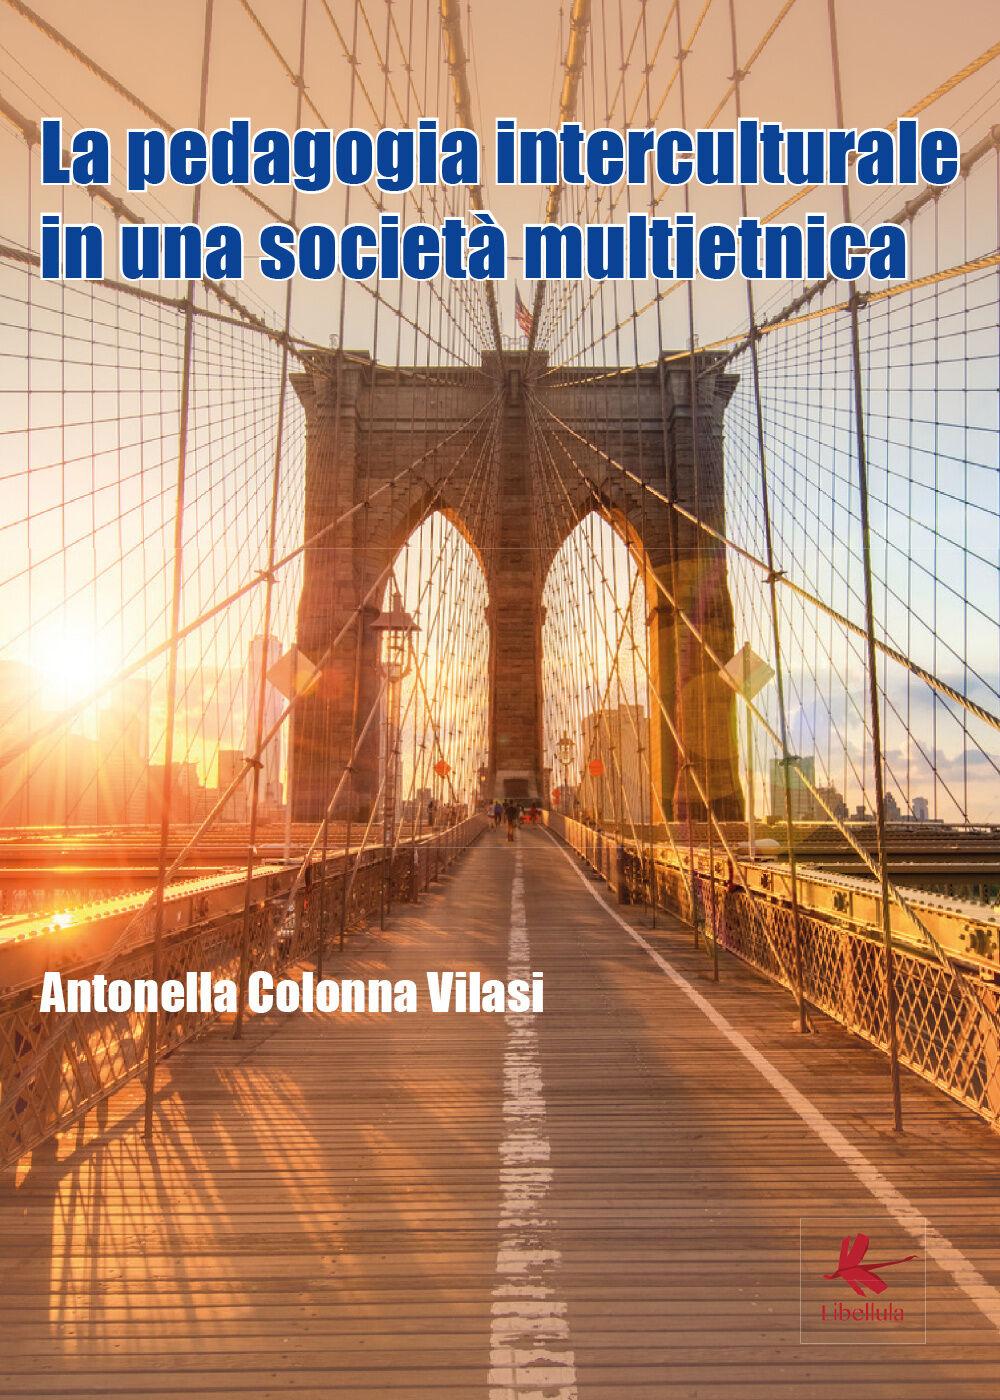 La pedagogia interculturale nella nuova società multietnica